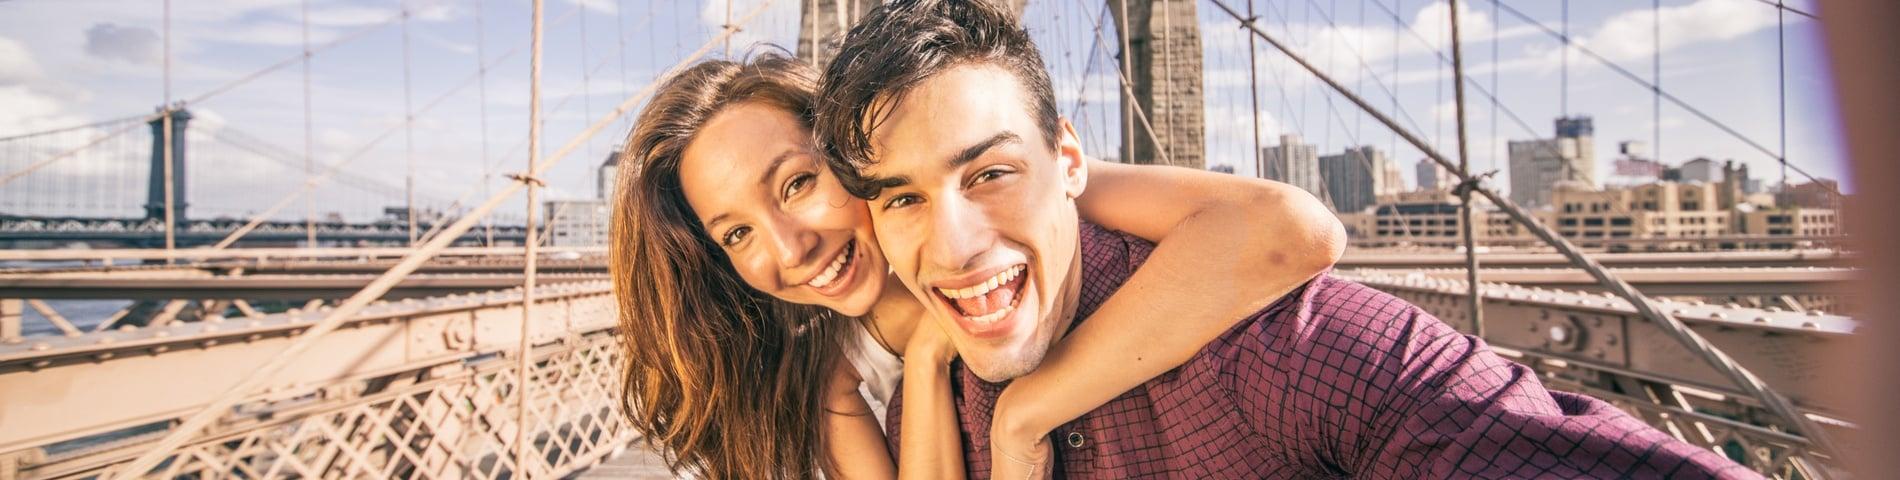 นิวยอร์ก